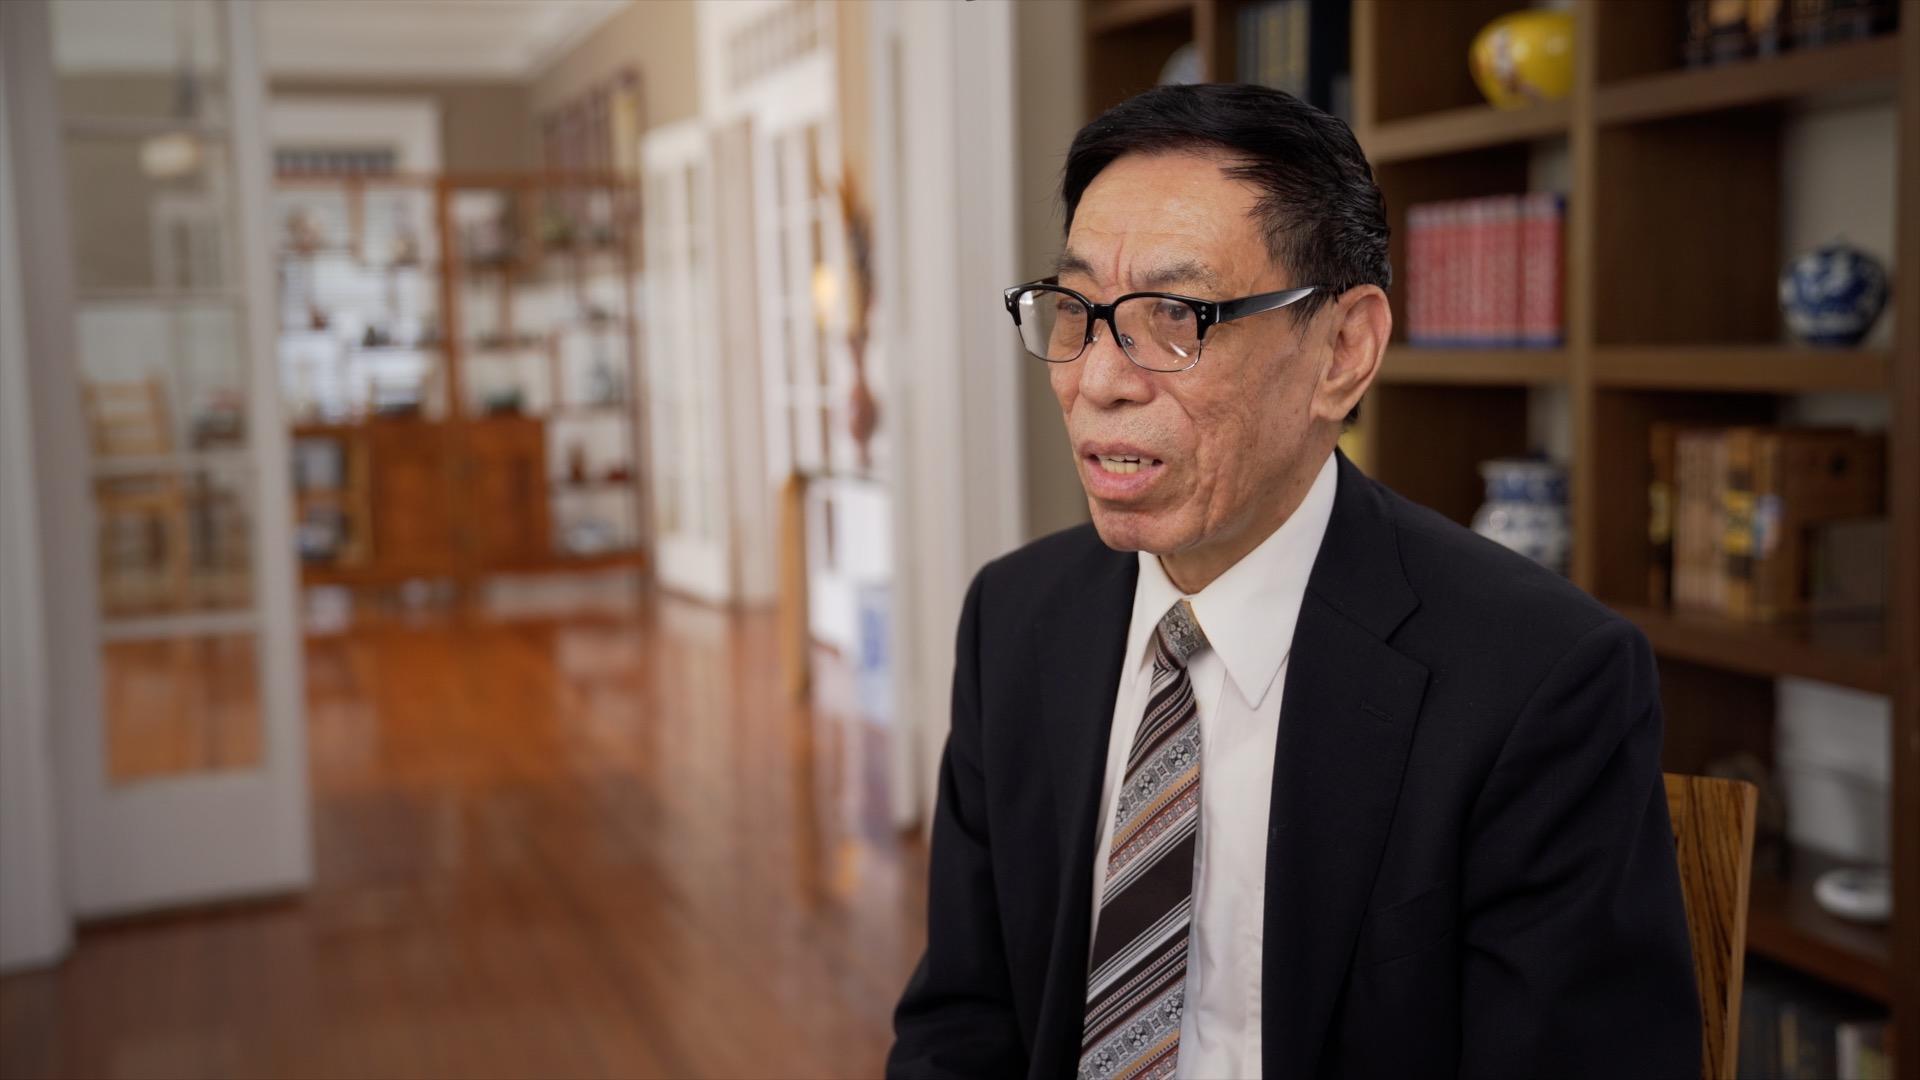 被譽為「中國歌王」的神韻藝術團歌唱家關貴敏先生接受大紀元採訪,談2018年「全世界華人美聲唱法聲樂大賽」。(大紀元)